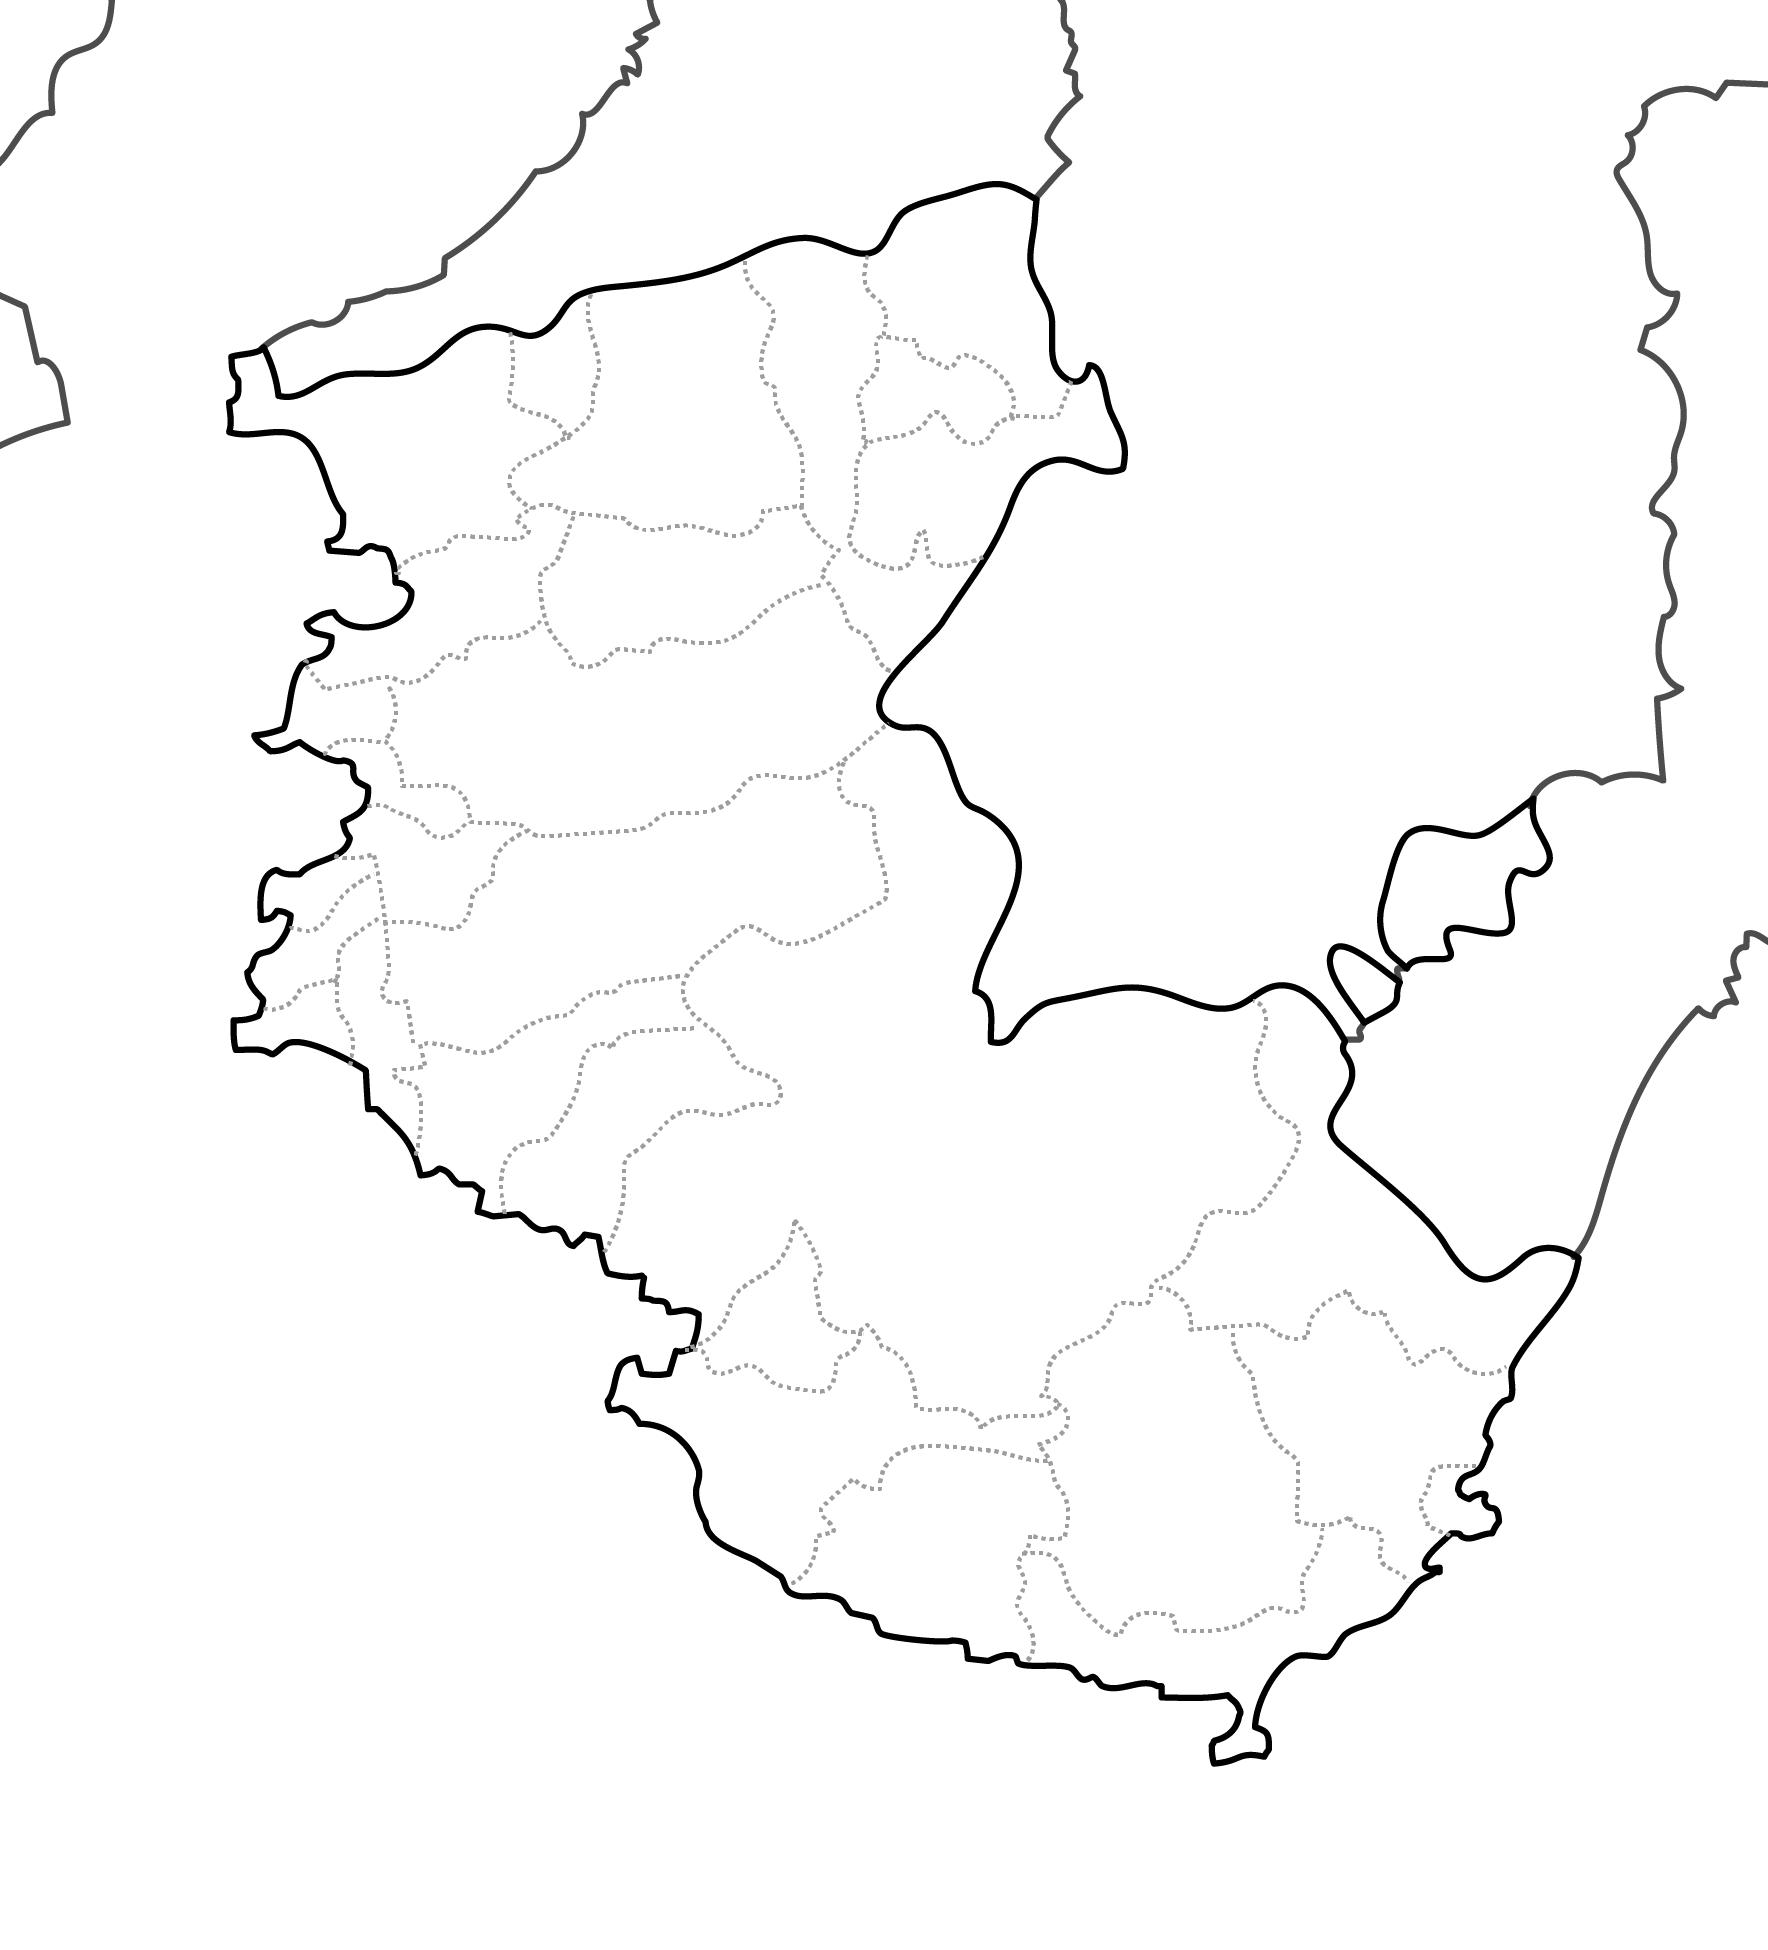 [白地図]和歌山県・ラインあり・市区町村名なし・隣県なし